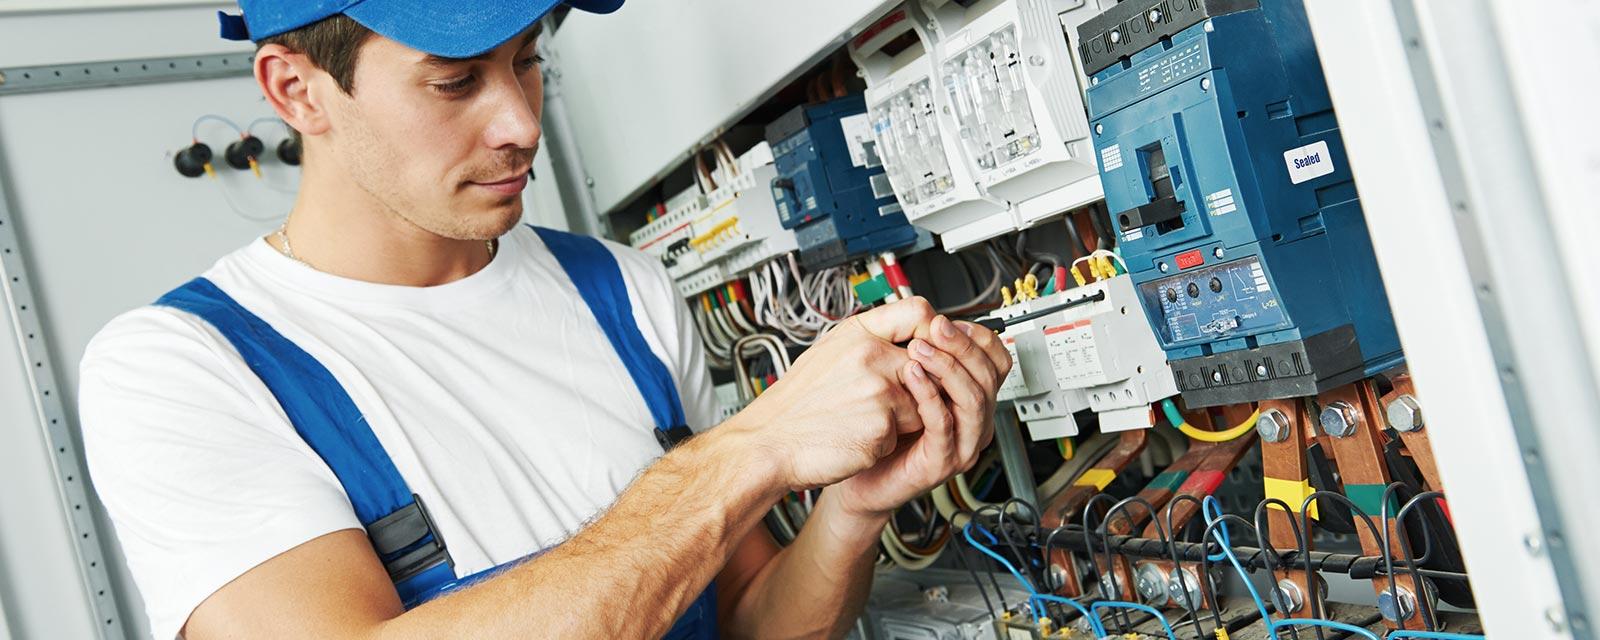 un électricien en train de travailler